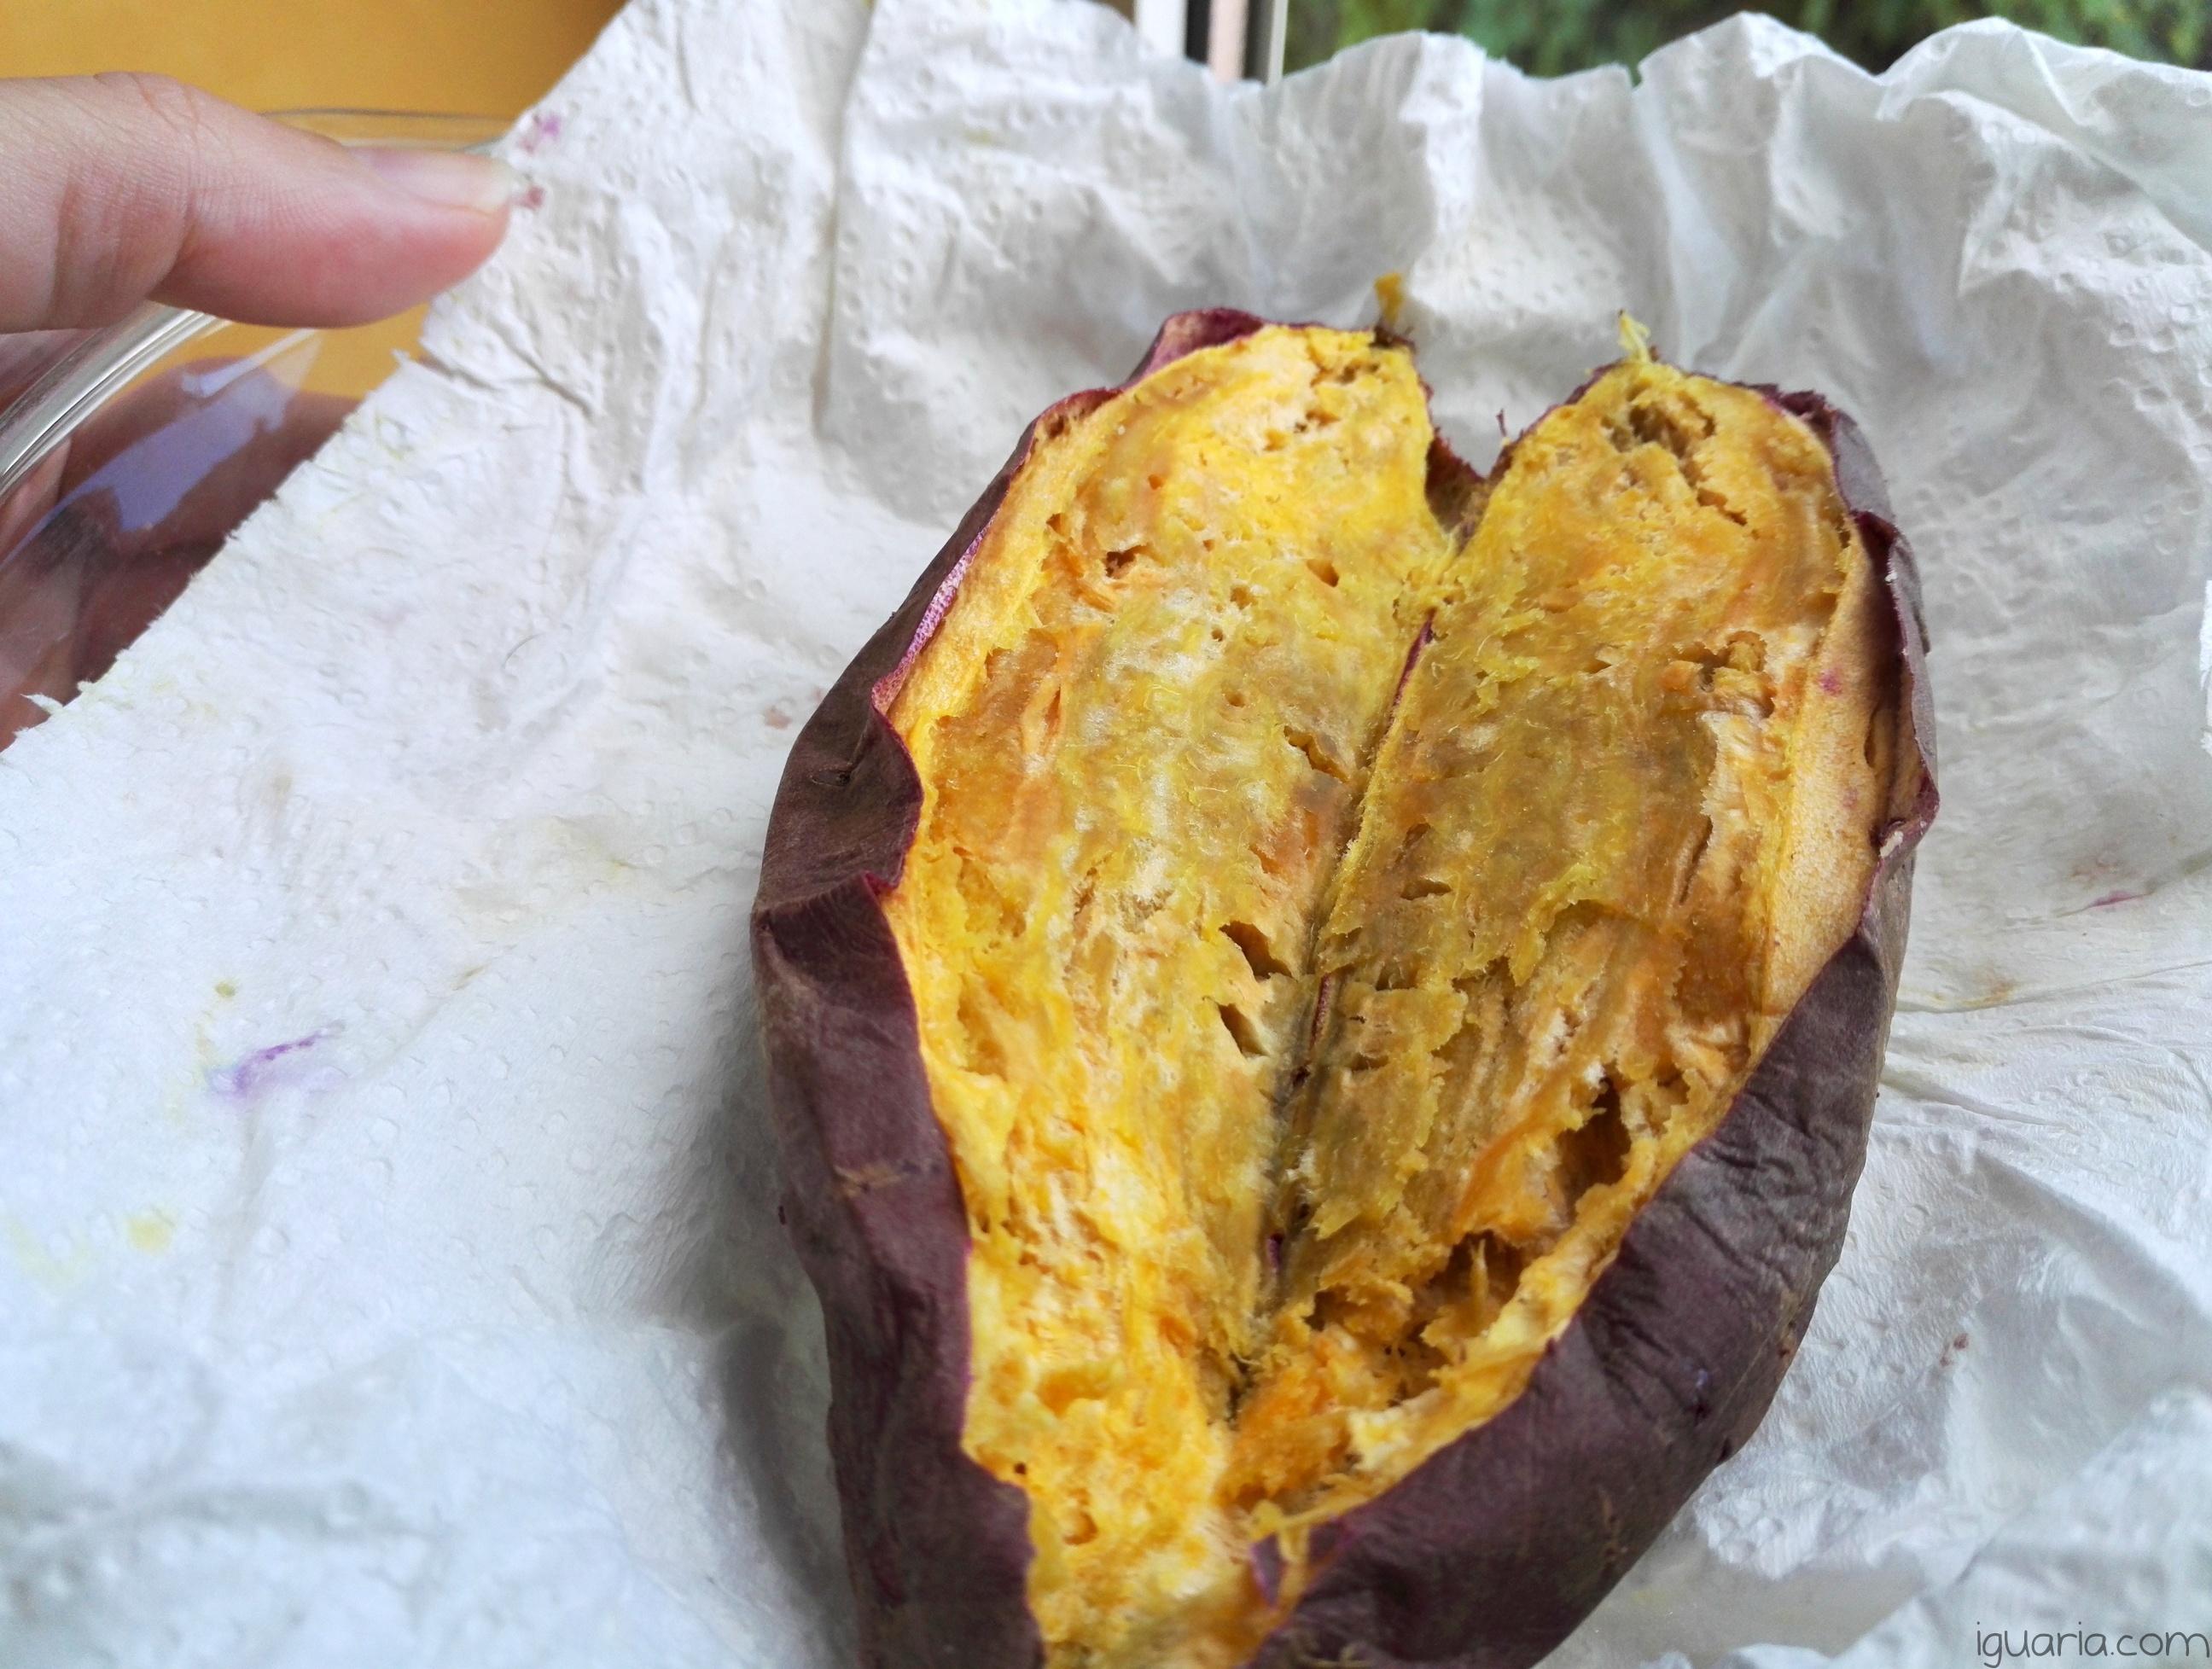 iguaria-batata-doce-microondas